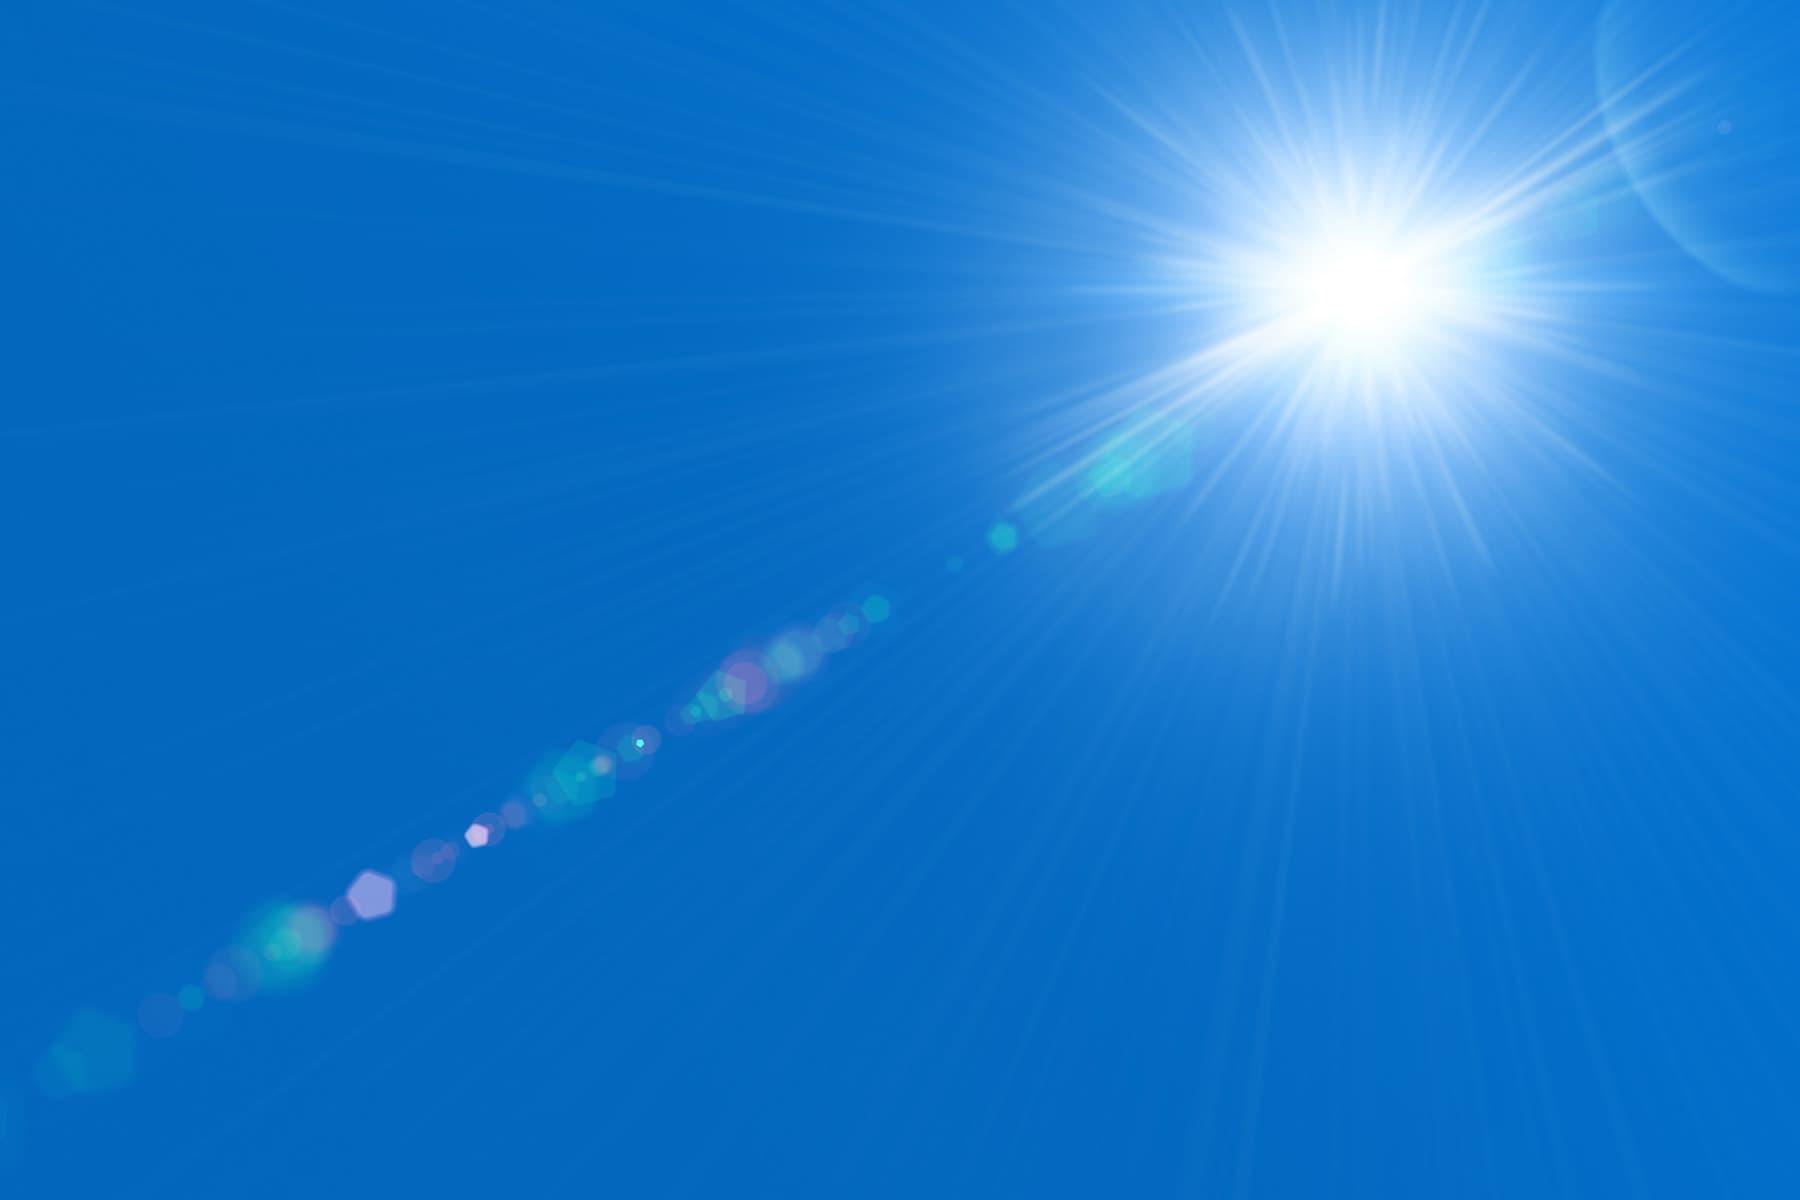 sun in sky